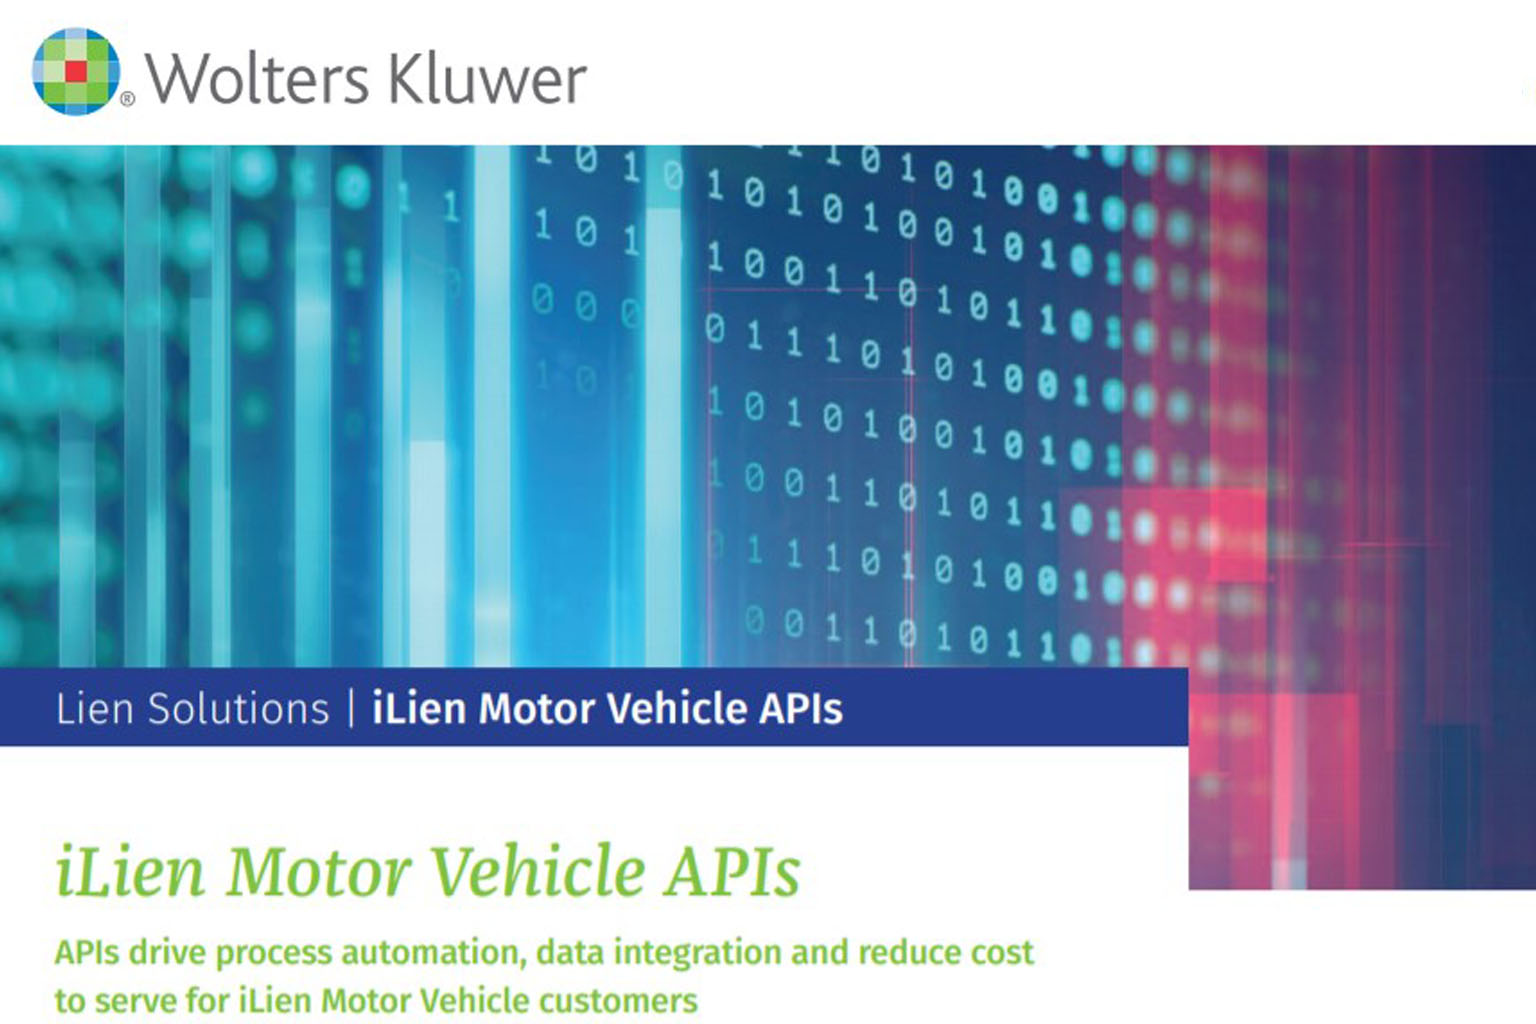 iLien Motor Vehicle APIs